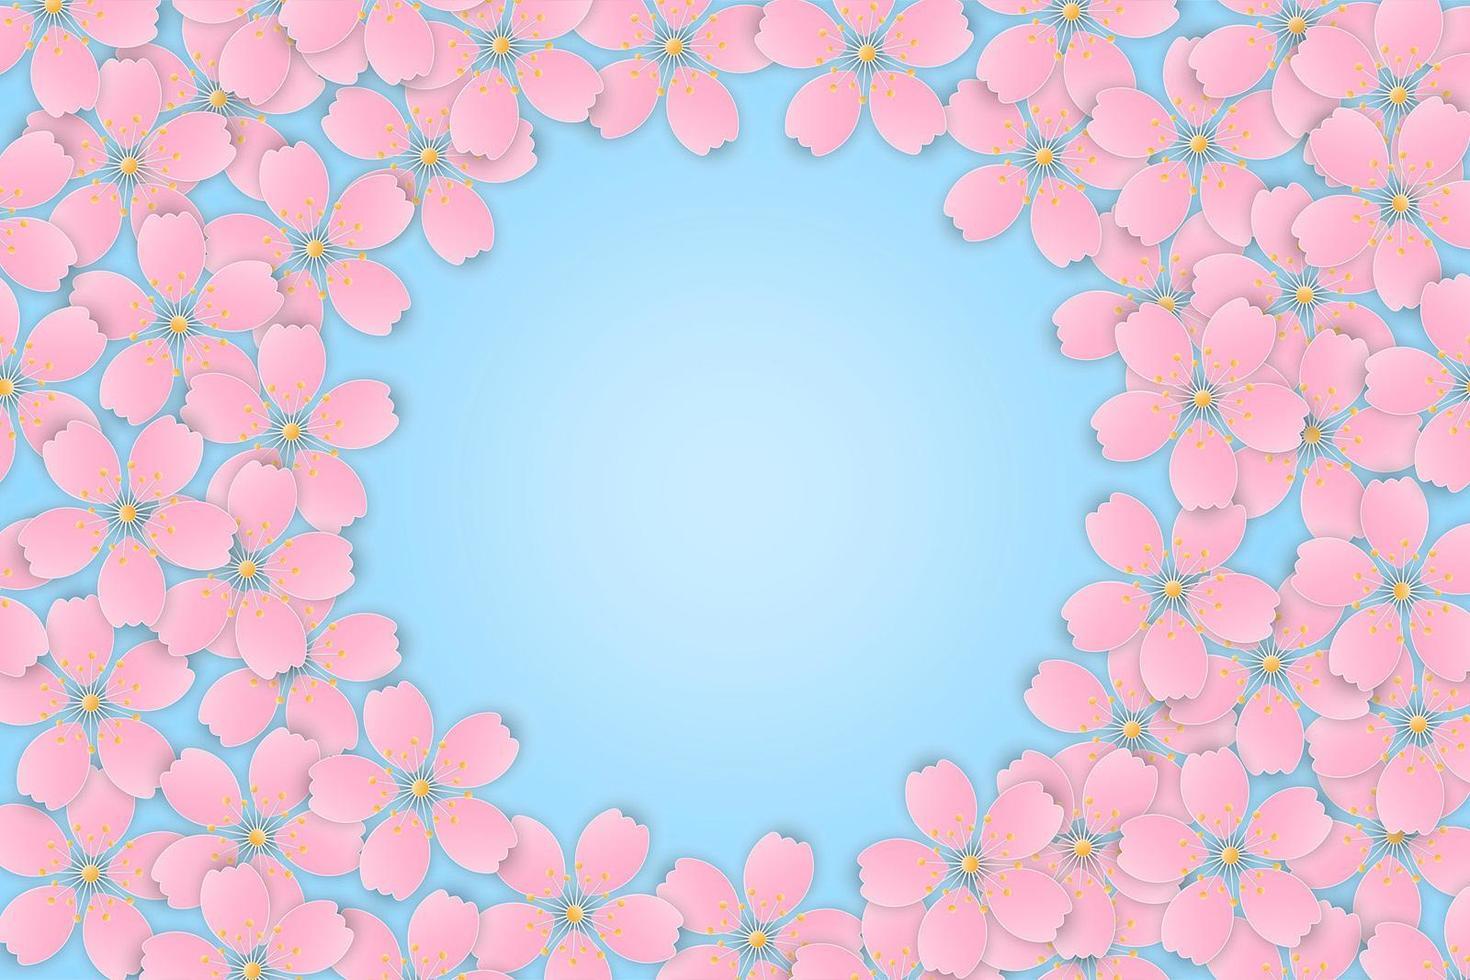 cornice fiore di ciliegio rosa fiore di sakura vettore